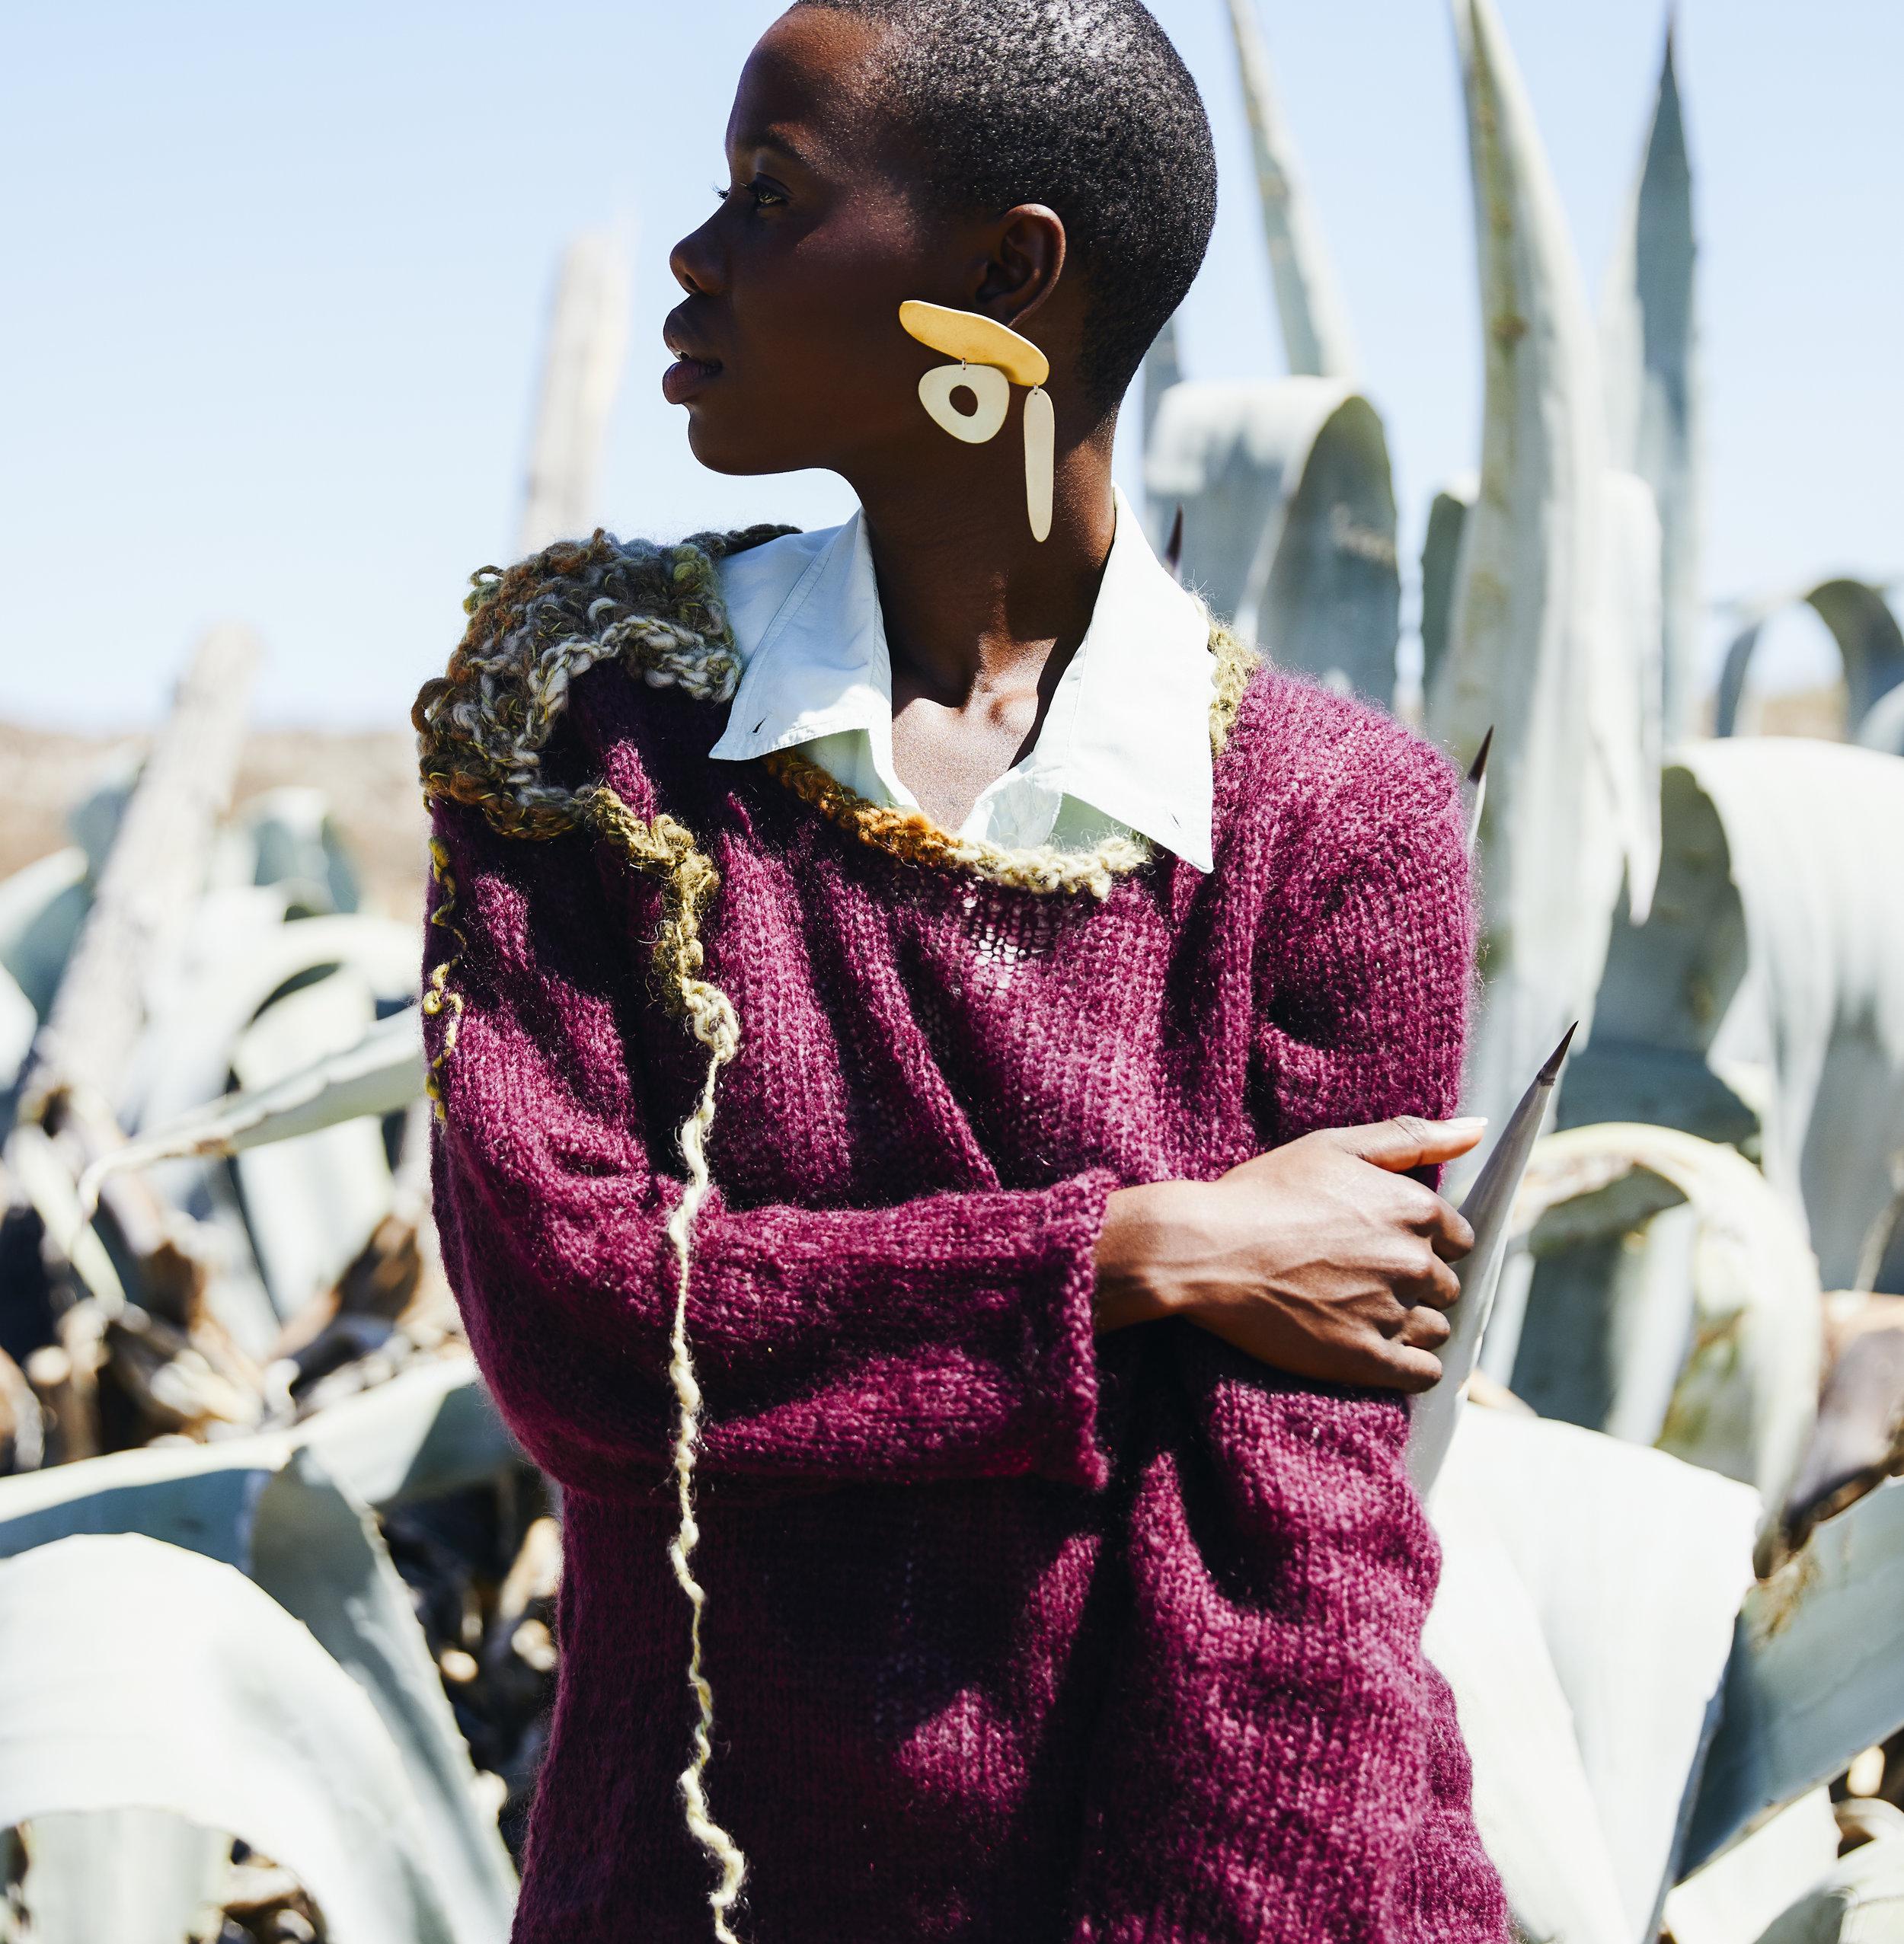 FVH X LM Mohair Knitwear -  Fashion Handbook